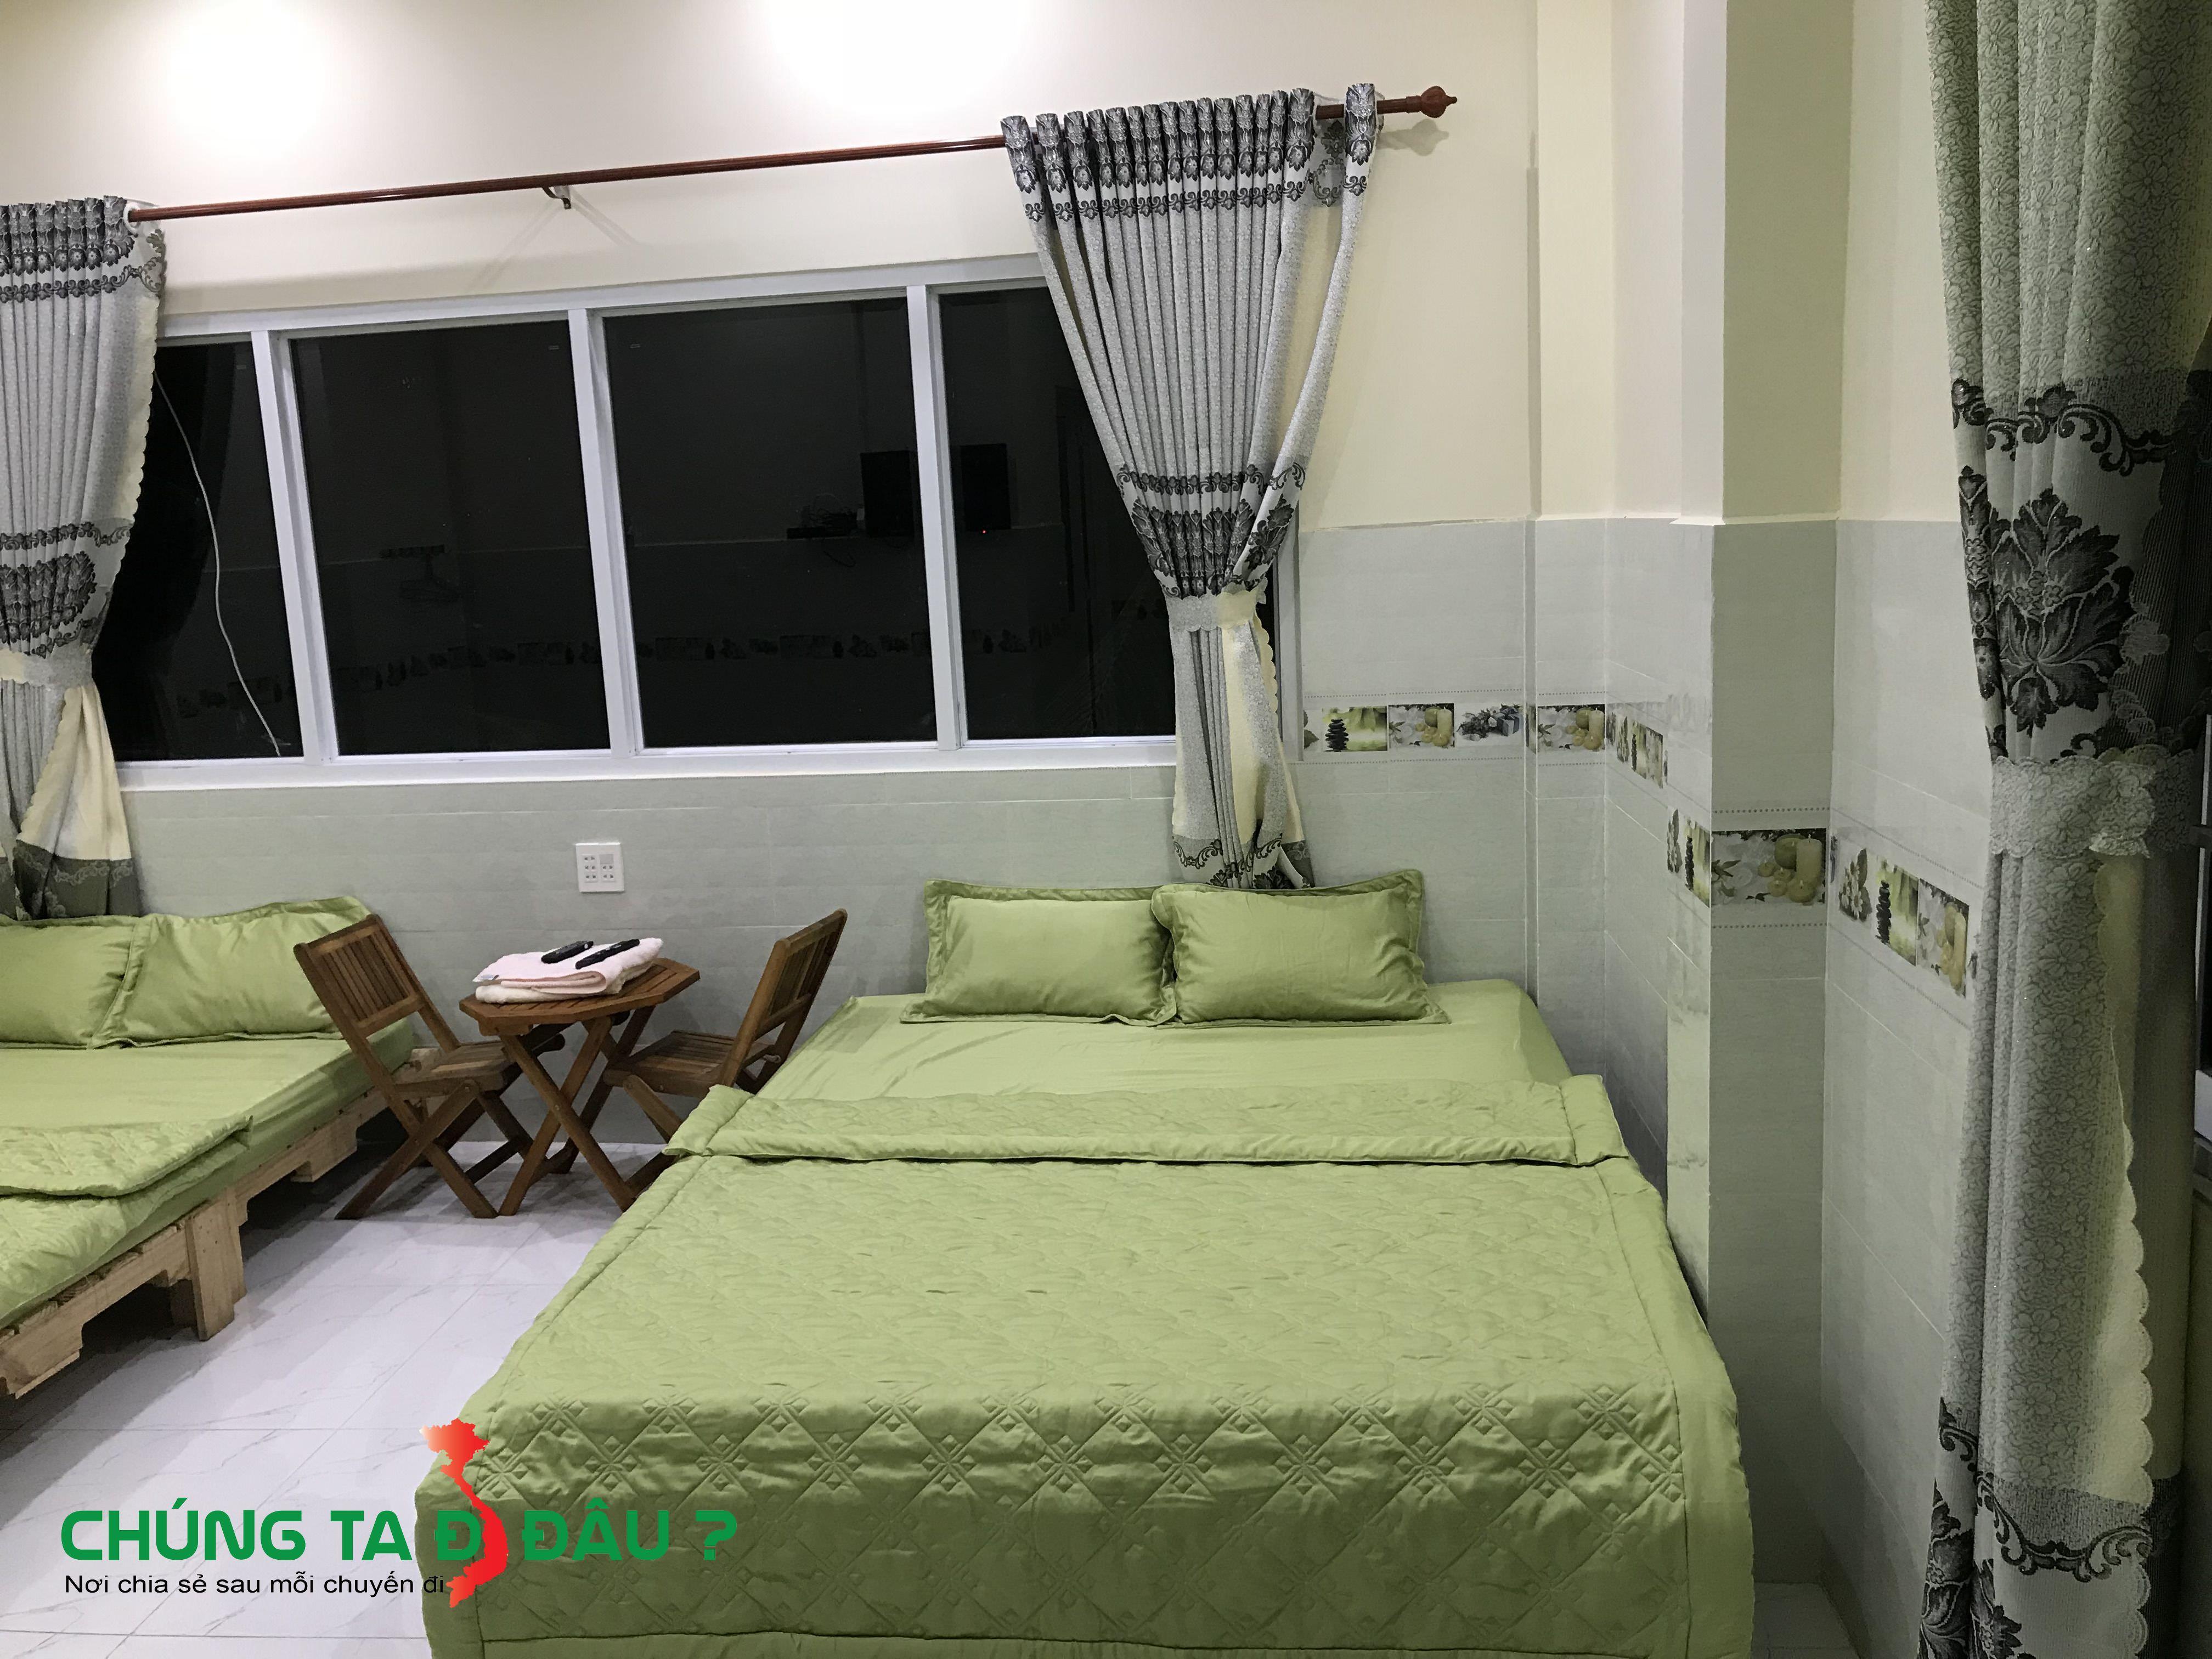 Phòng ngủ được trang bị nóng lạnh, điều hòa, tivi đầy đủ